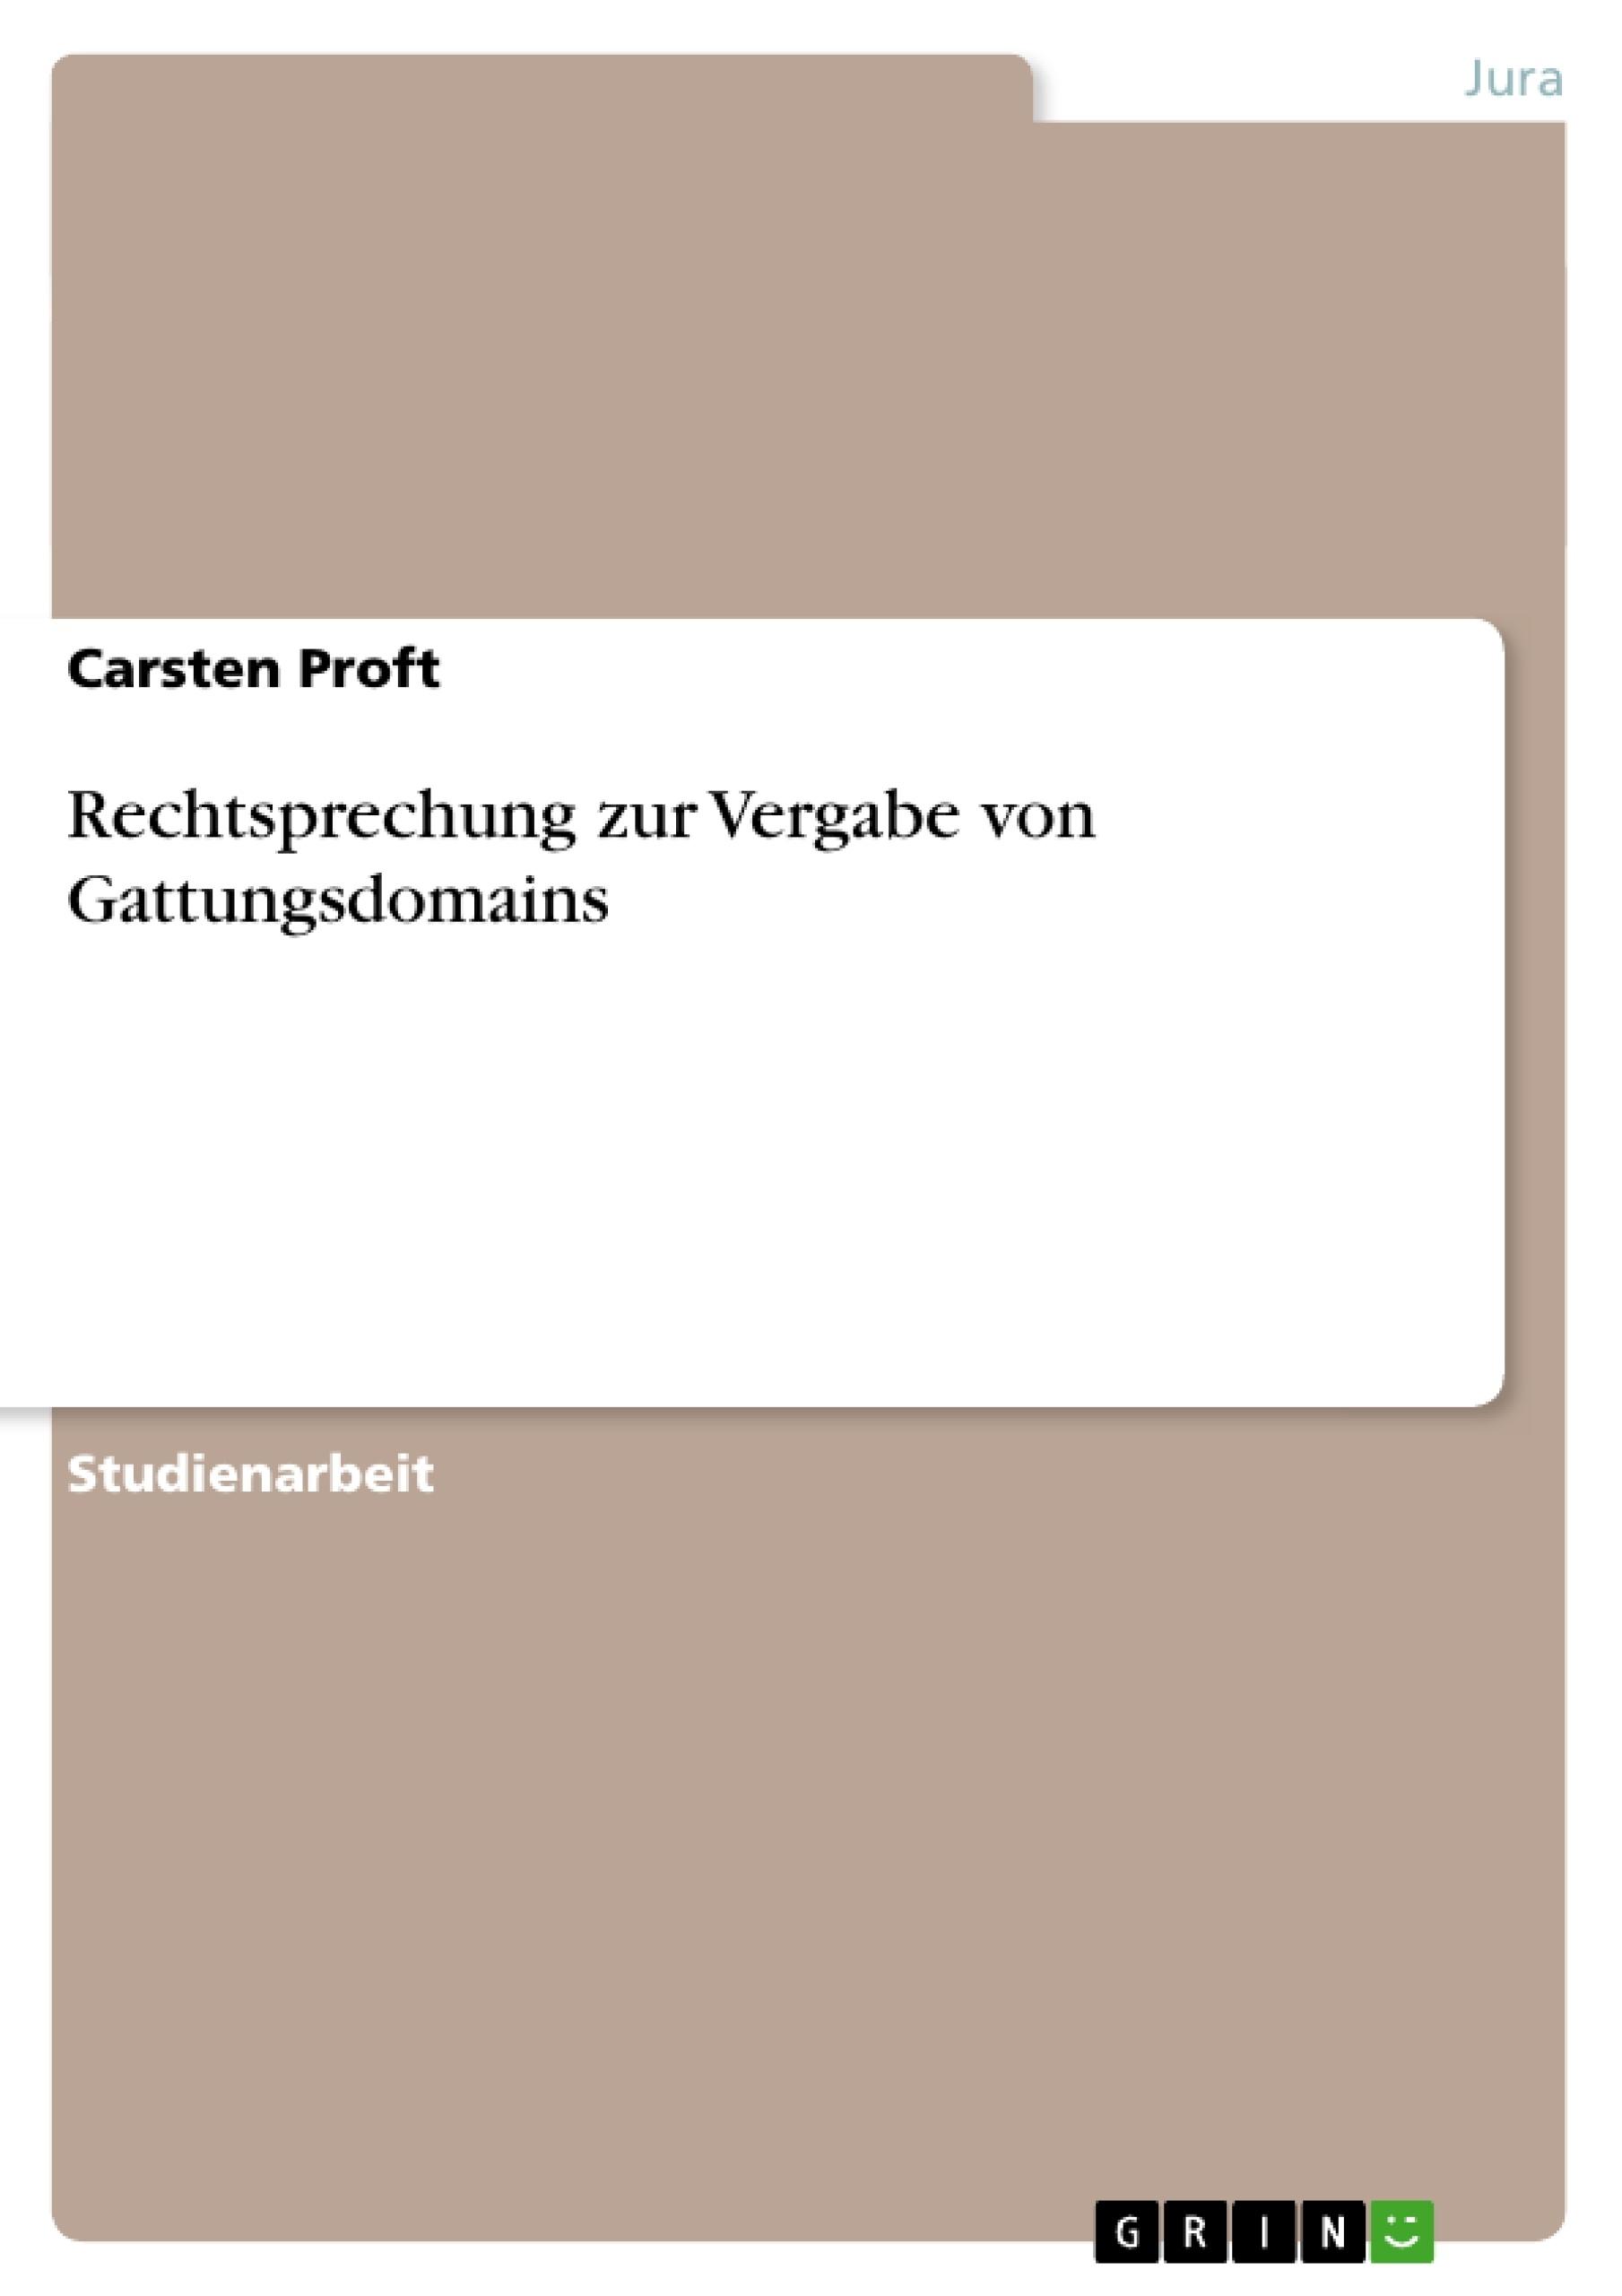 Titel: Rechtsprechung zur Vergabe von Gattungsdomains